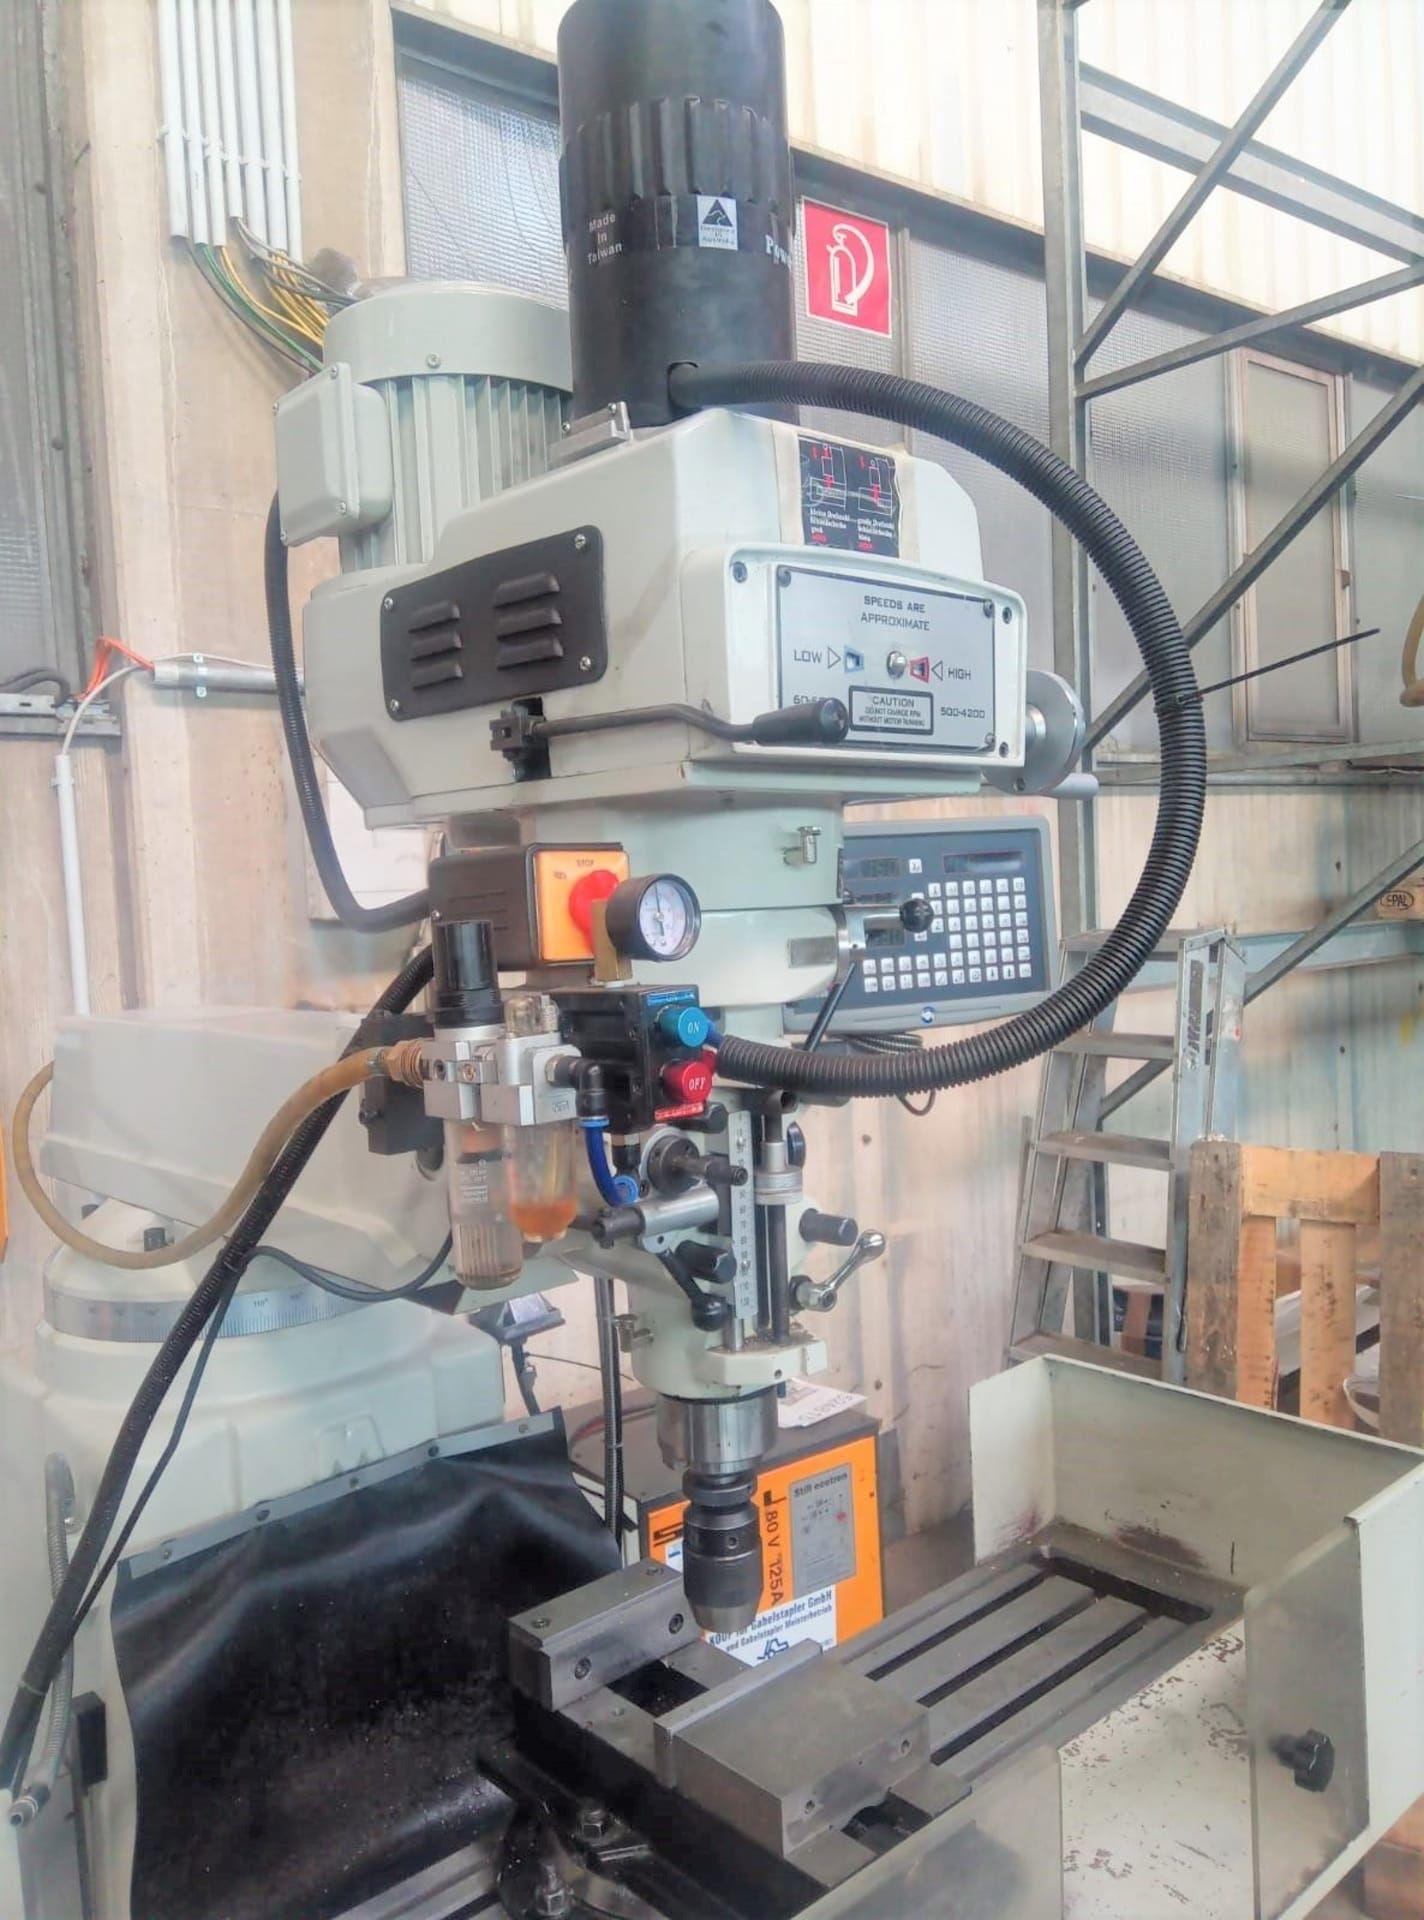 WAGNER / VOWA MFC 1270 Mehrzweckfräsmaschine